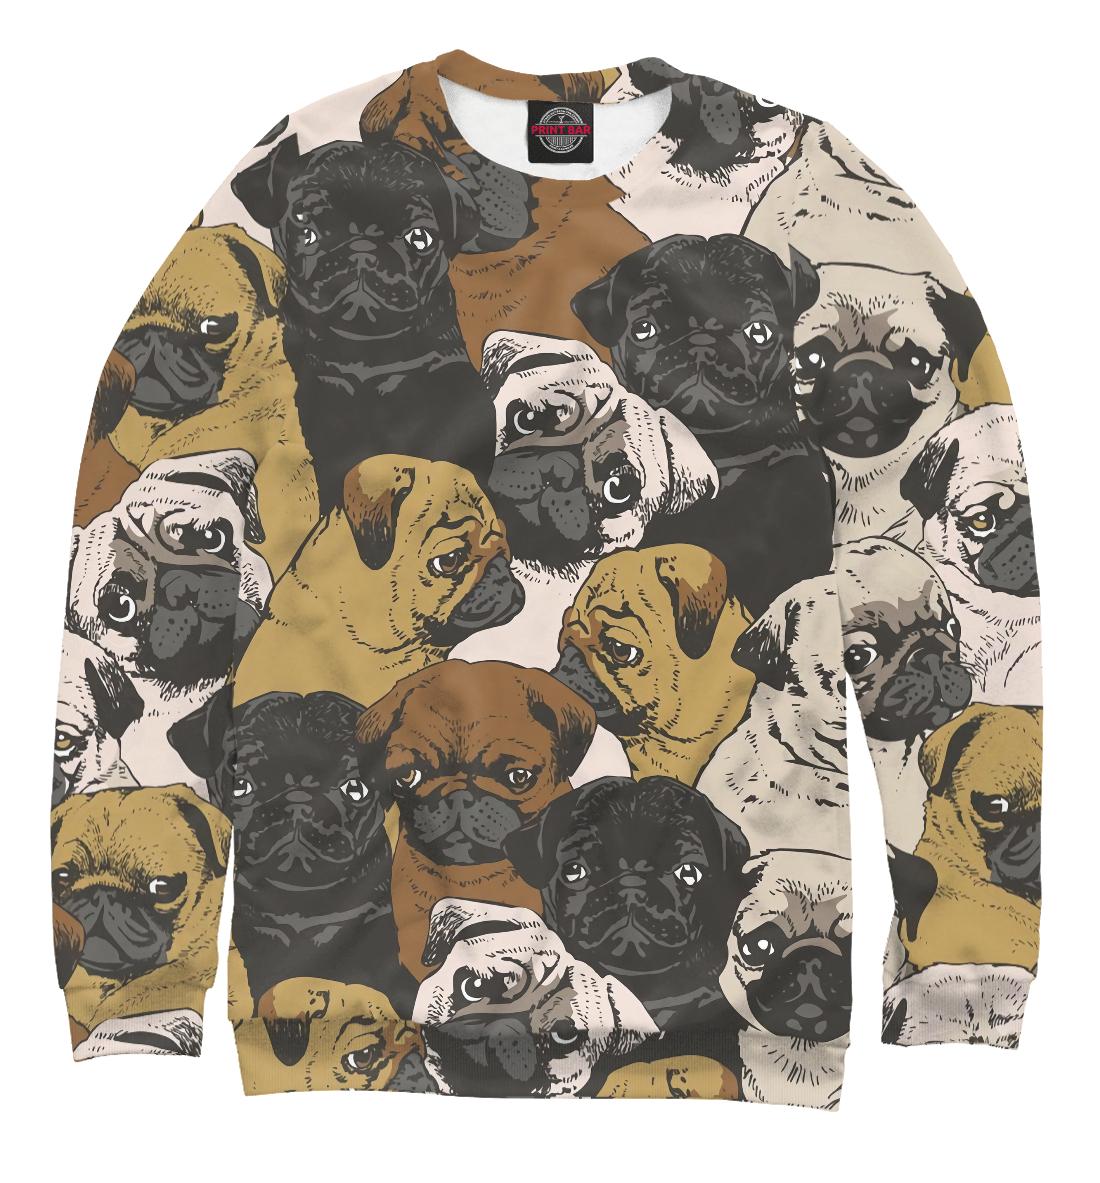 Купить Собаки, Printbar, Свитшоты, DOG-993016-swi-1